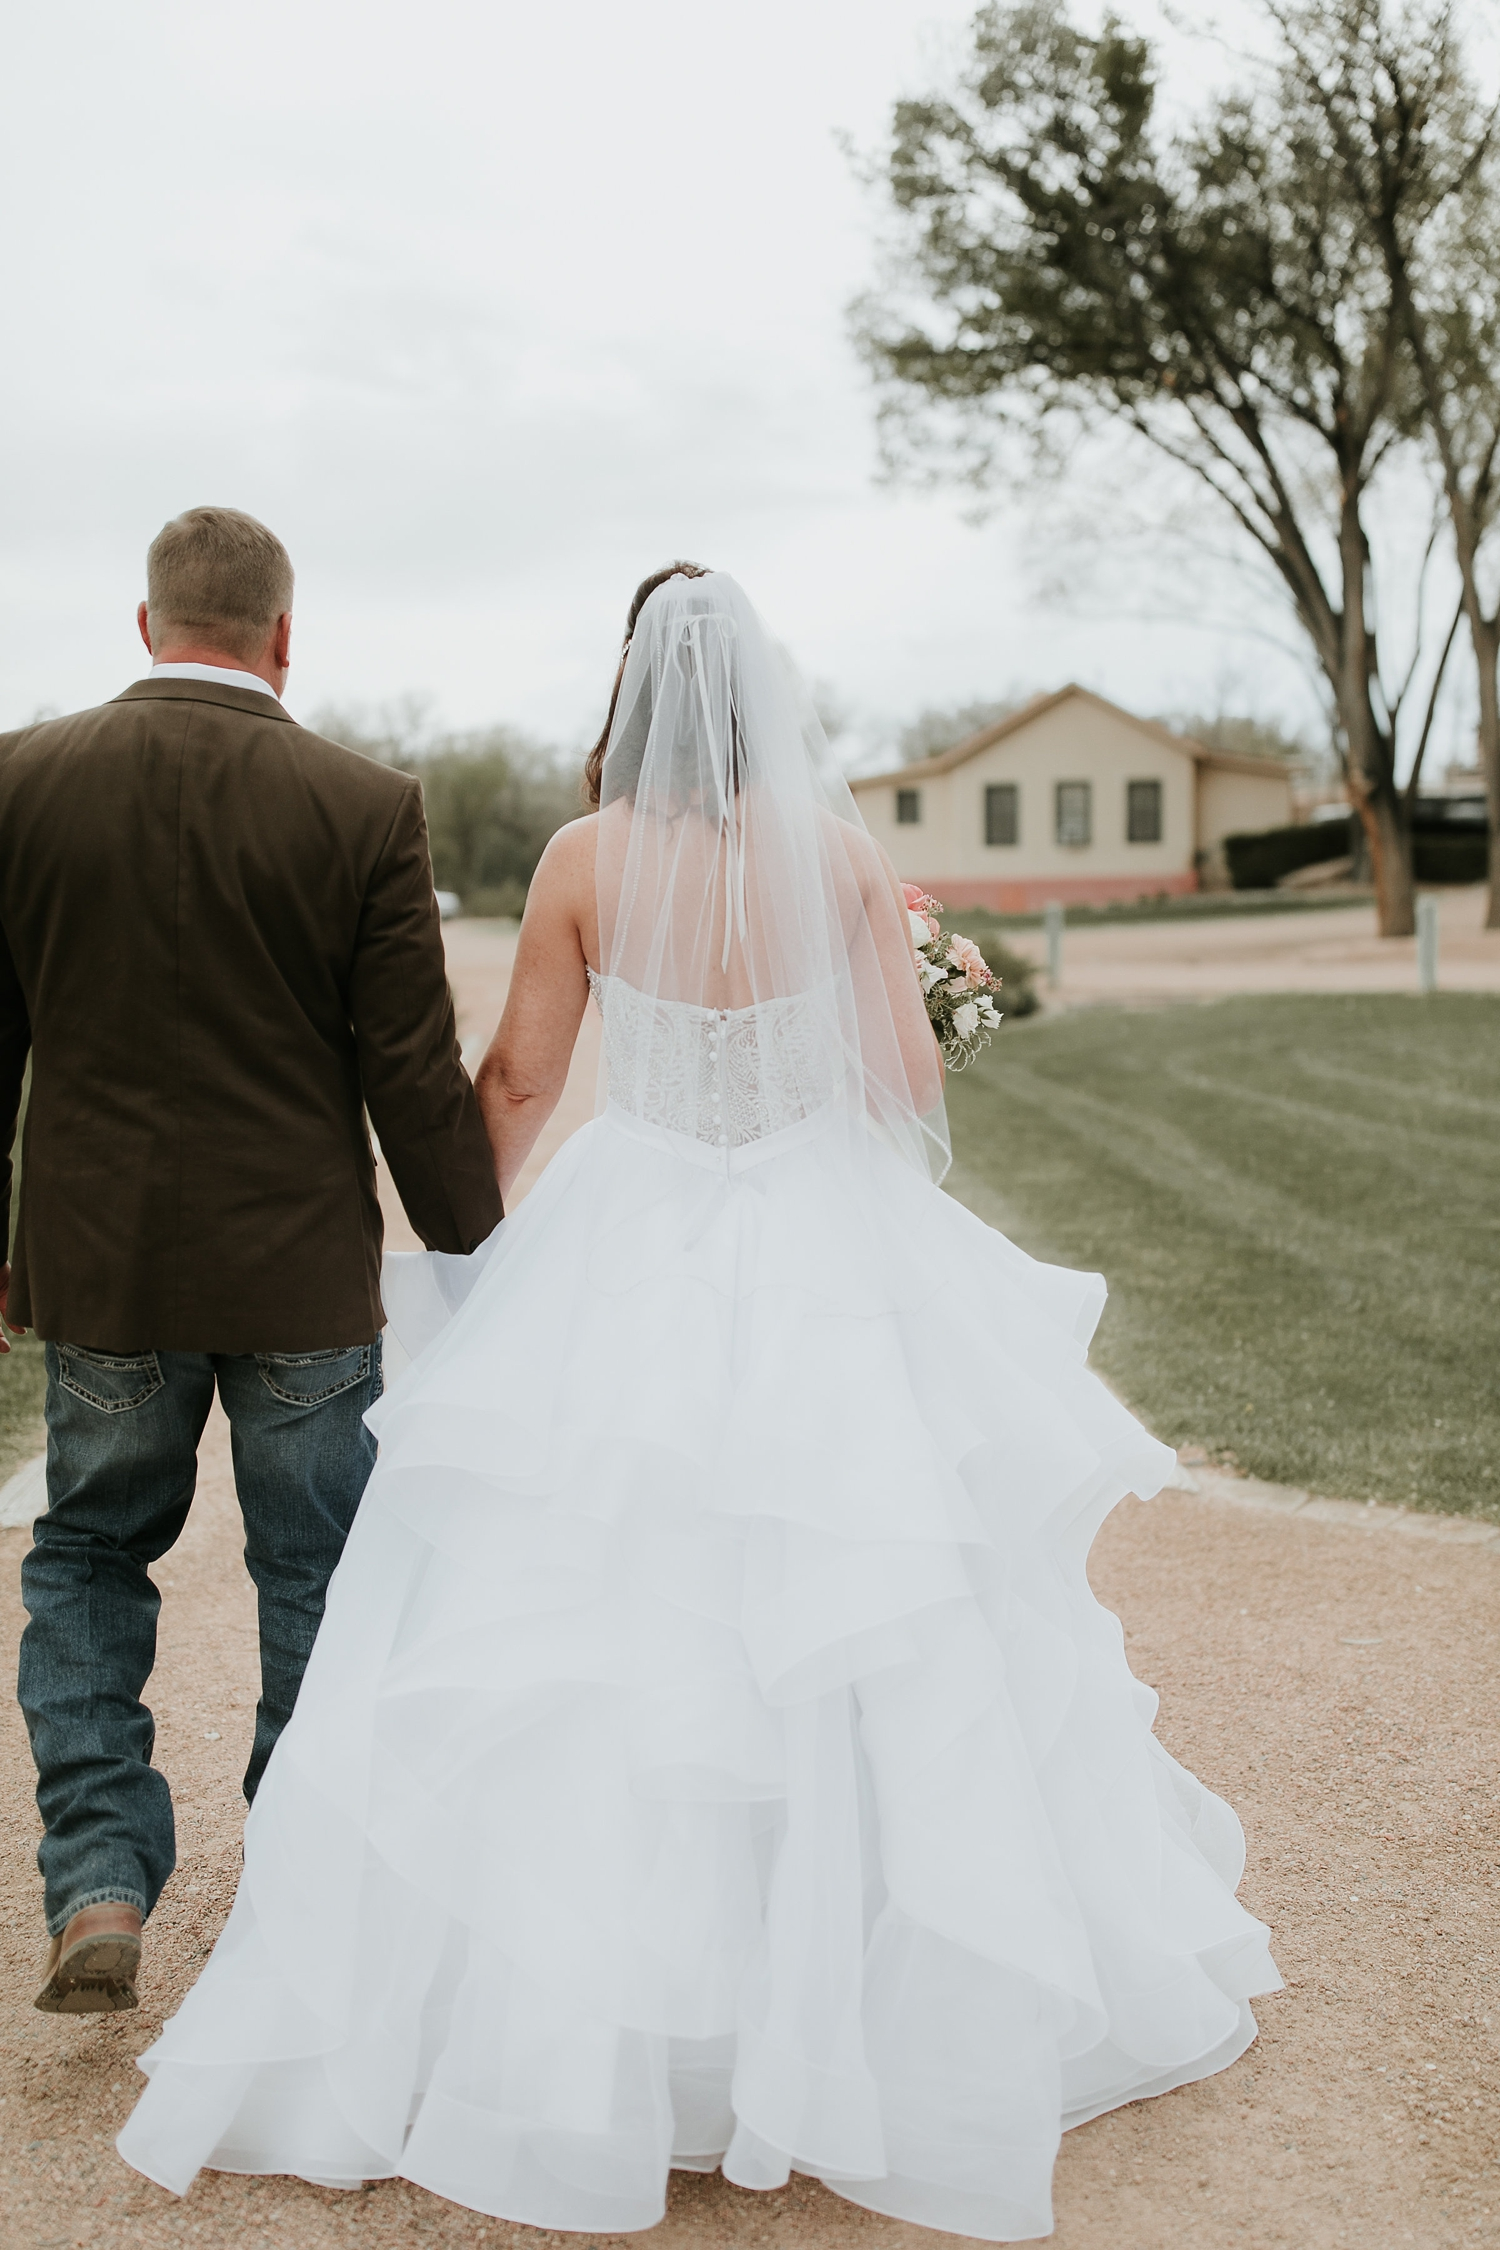 Alicia+lucia+photography+-+albuquerque+wedding+photographer+-+santa+fe+wedding+photography+-+new+mexico+wedding+photographer+-+new+mexico+engagement+-+la+mesita+ranch+wedding+-+la+mesita+ranch+spring+wedding_0038.jpg